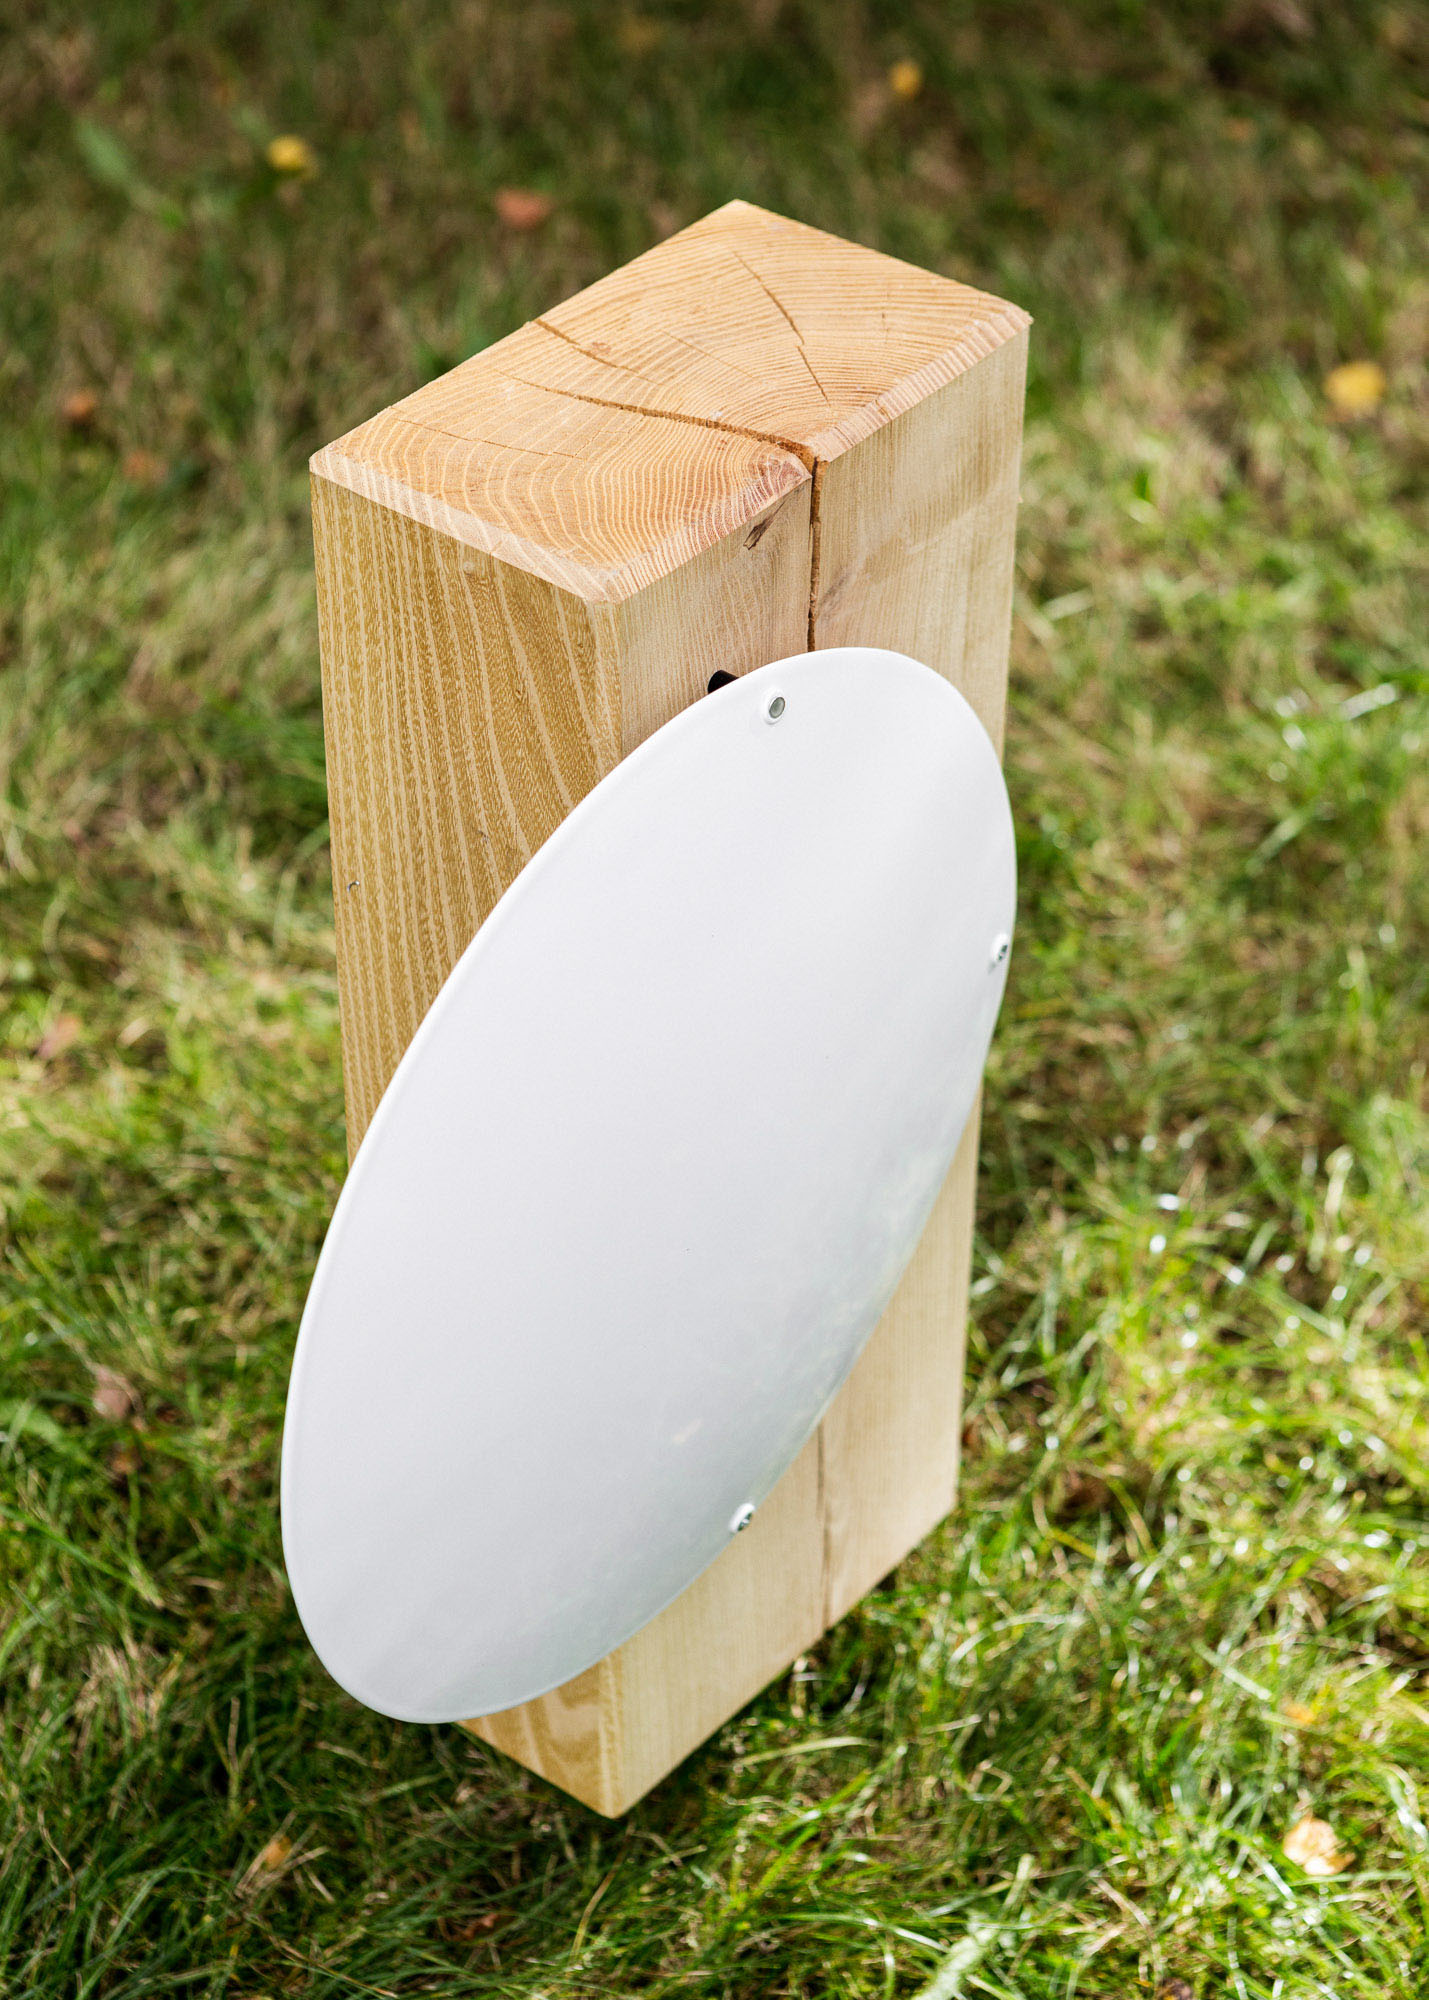 Holzblock als Urnengrabmal mit rundem Emailleschild - Einzelgrabmal, Familiengrabmal oder Ehegrabmal